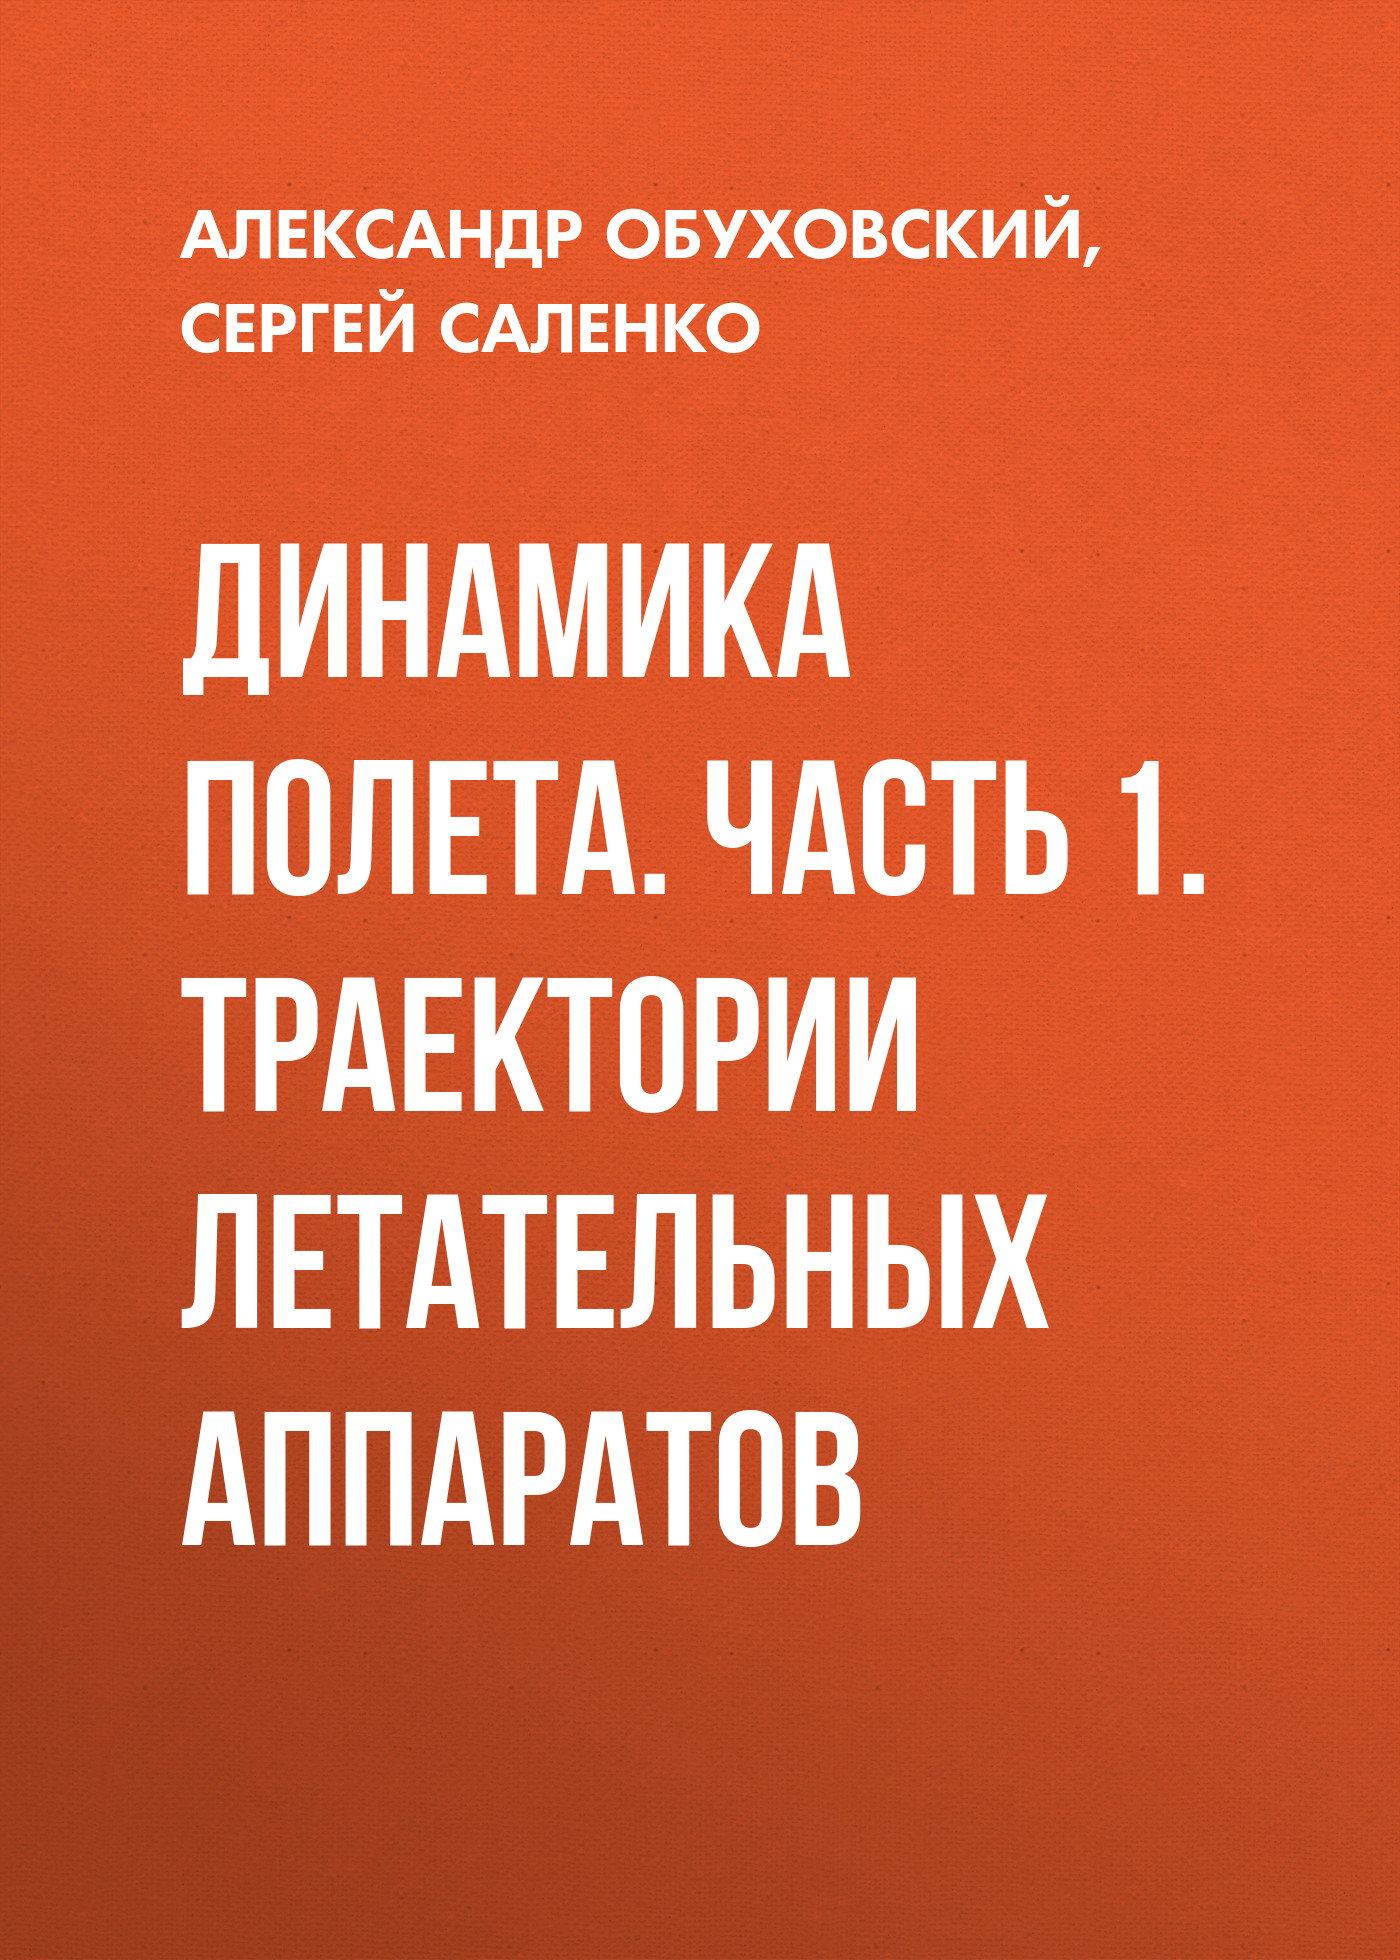 А. Д. Обуховский Динамика полета. Часть 1. Траектории летательных аппаратов